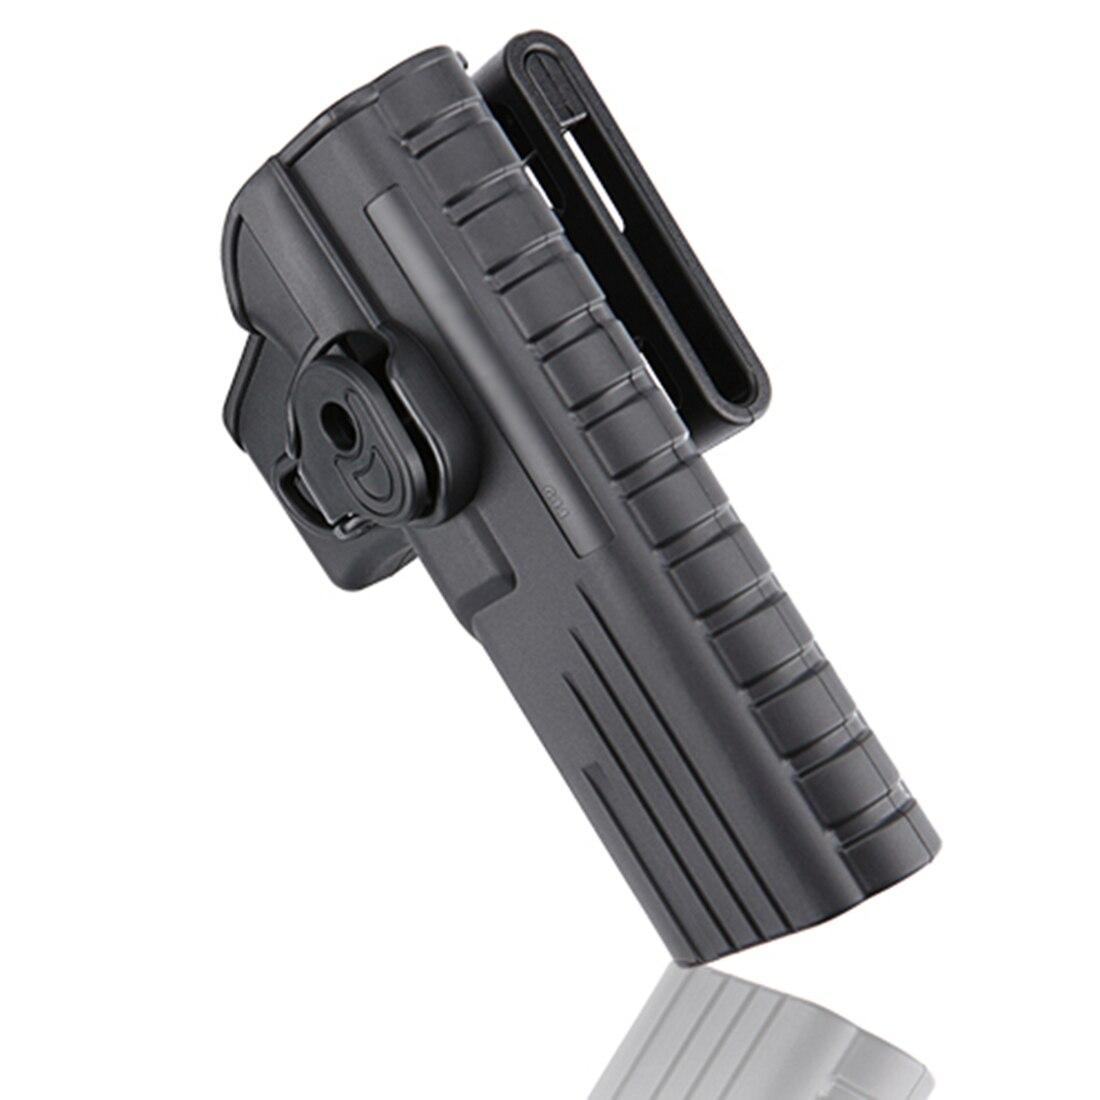 Funda táctica ajustable MODIKER para Glock 34 y para réplica, negro para mano derecha